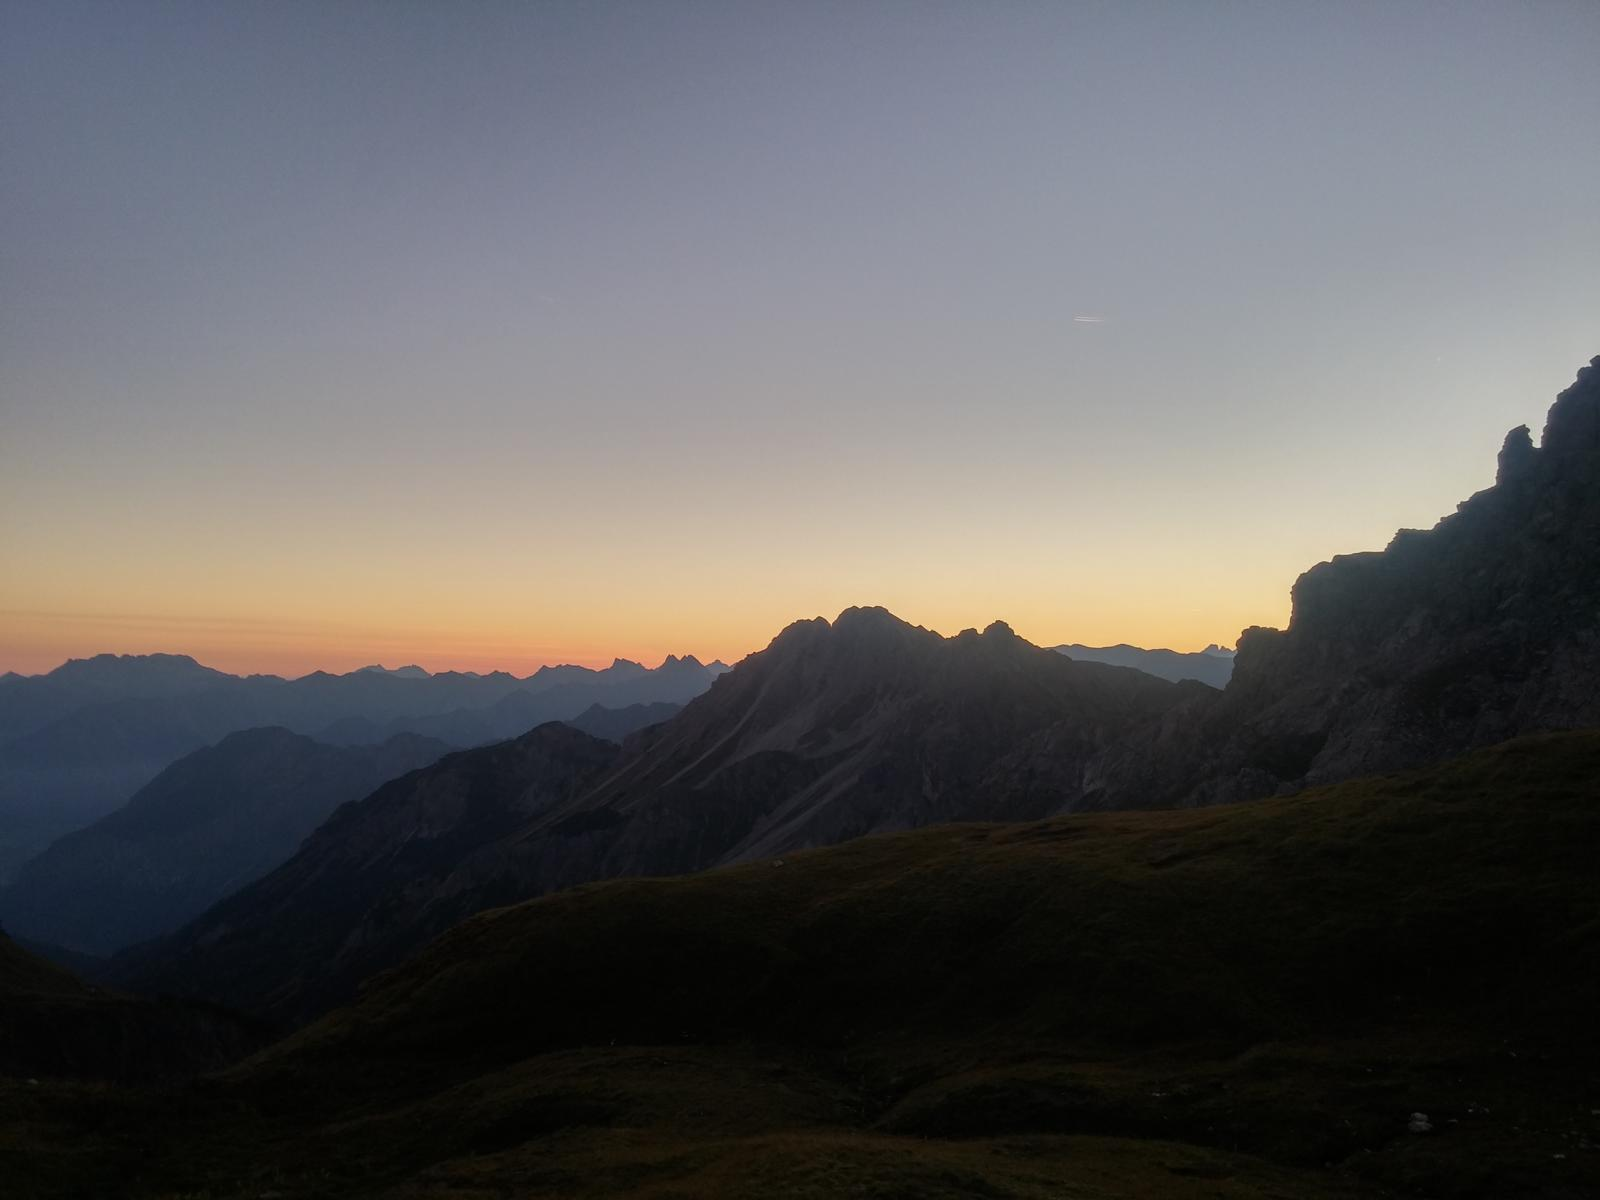 Sonnenaufgang....es kündigt sich ein herrlicher Herbsttag an